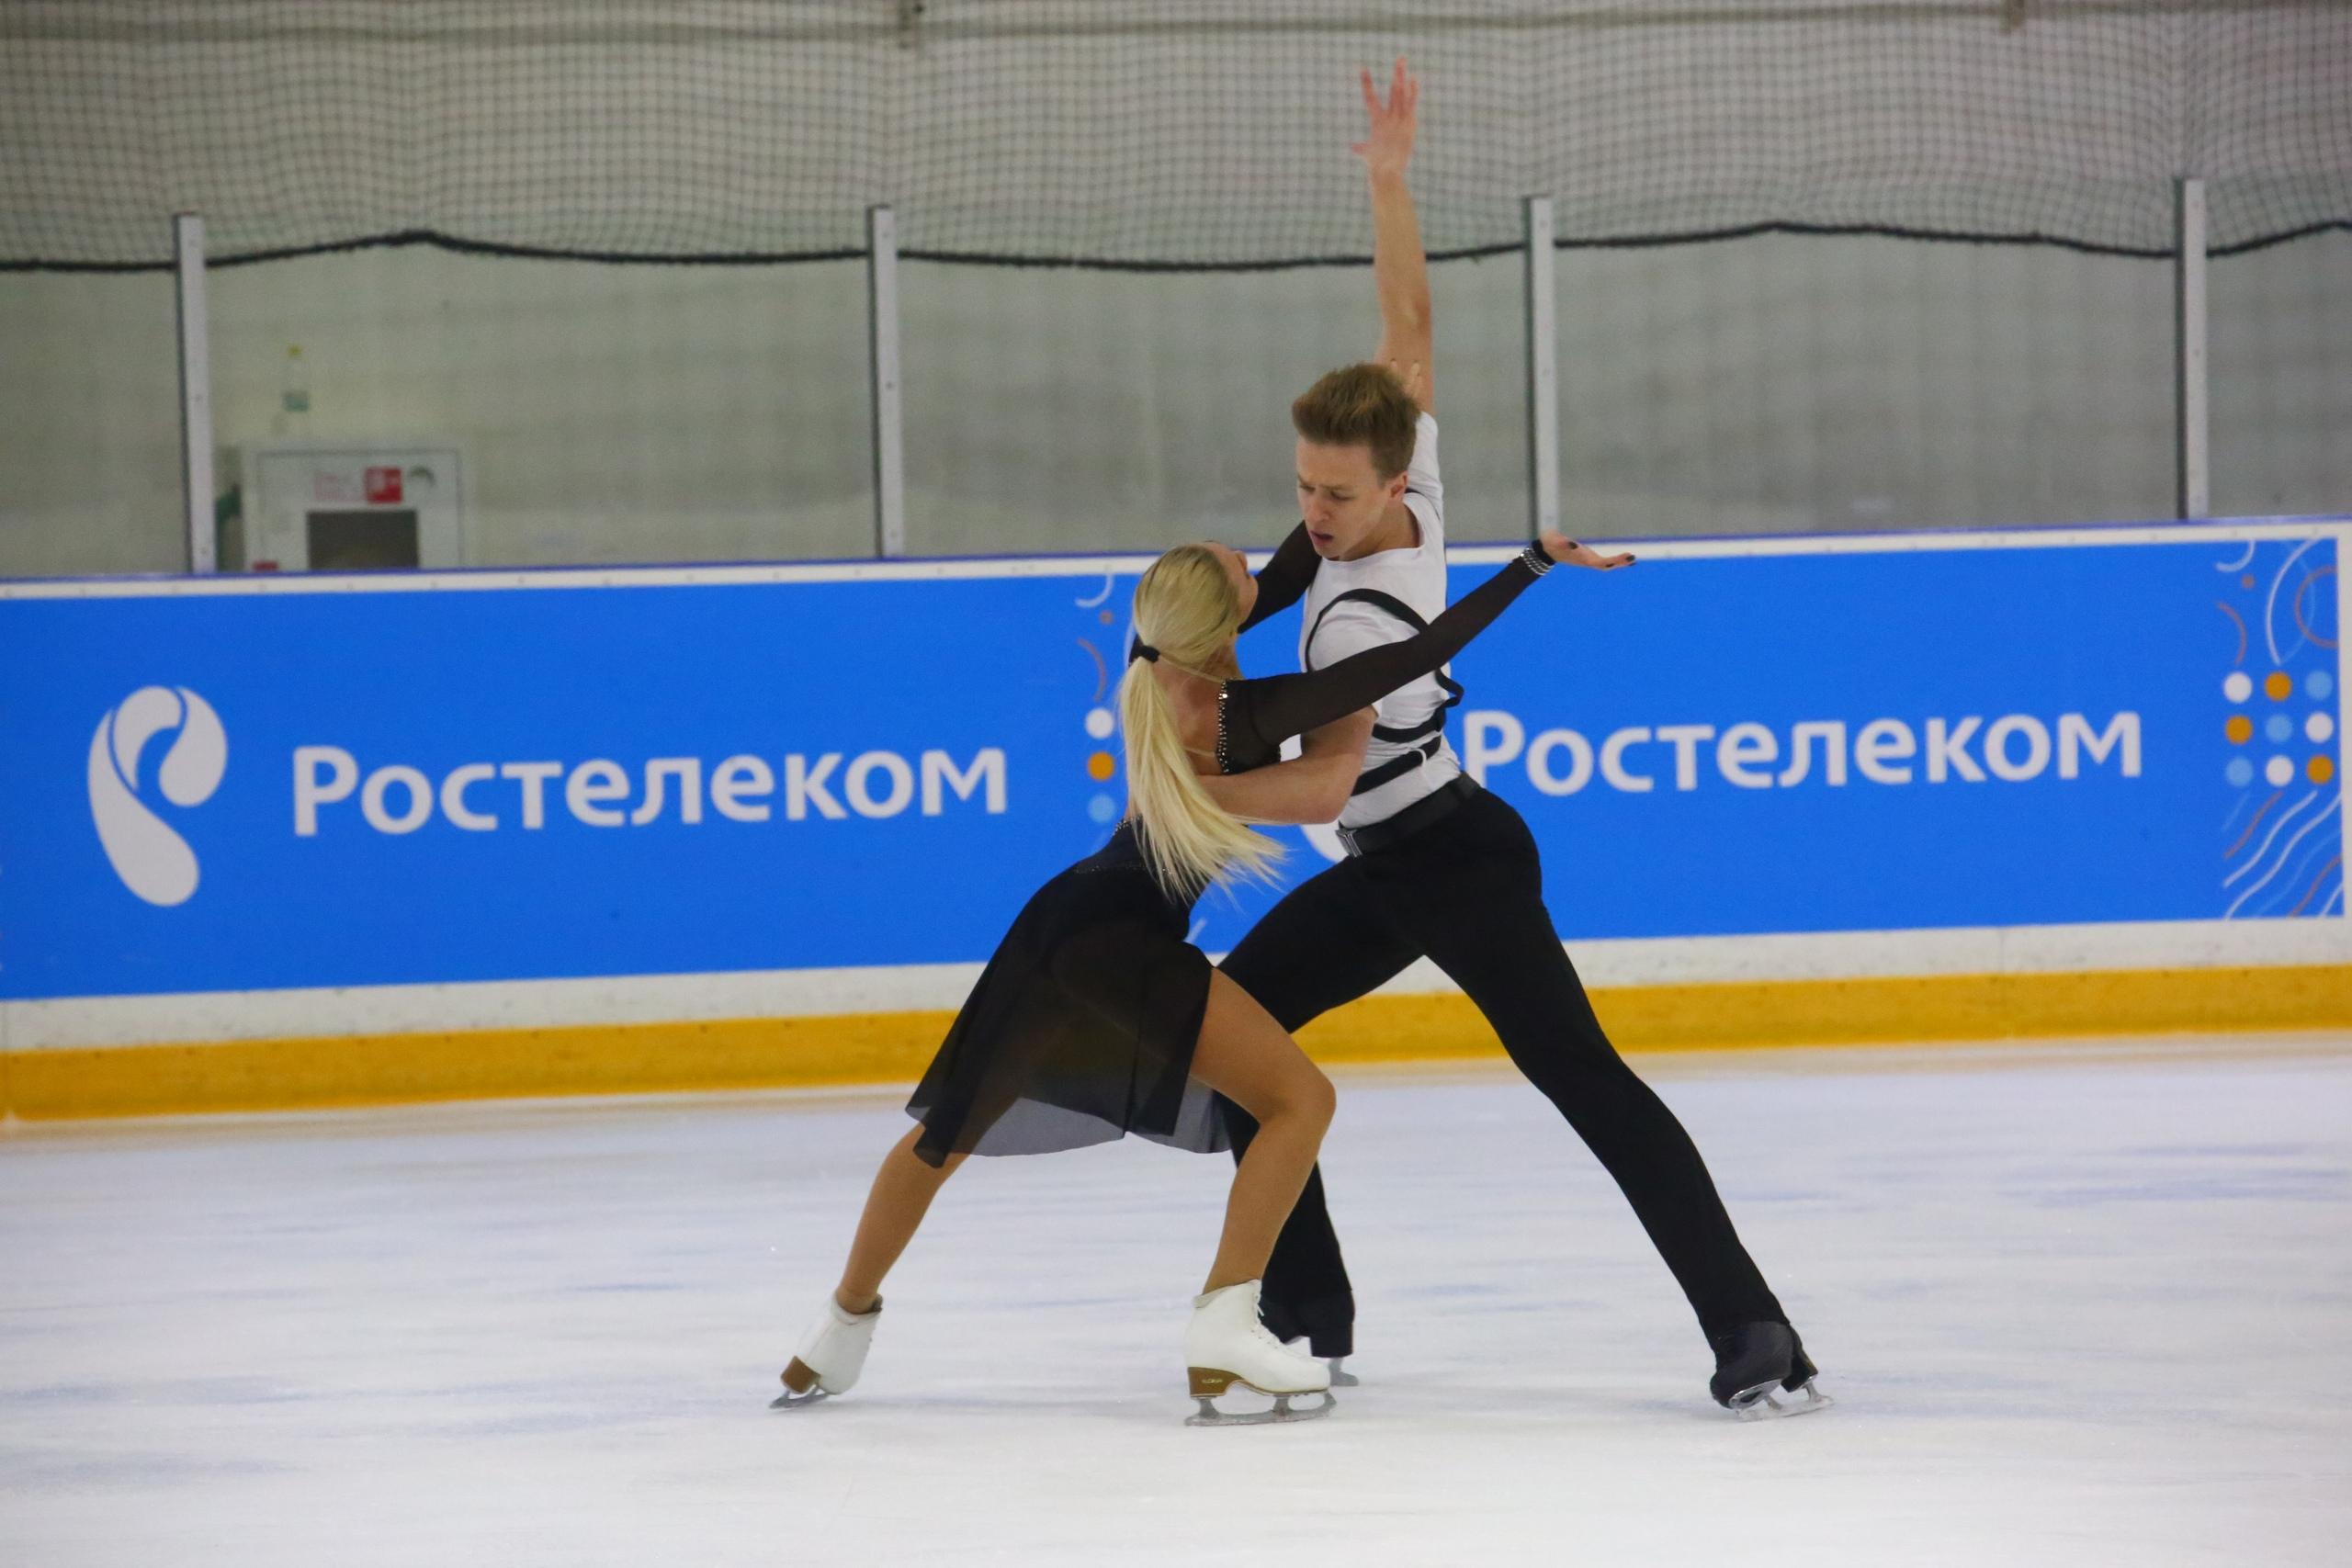 Российские соревнования сезона 2018-2019 (общая) - Страница 7 ZbhM5y12Z4M